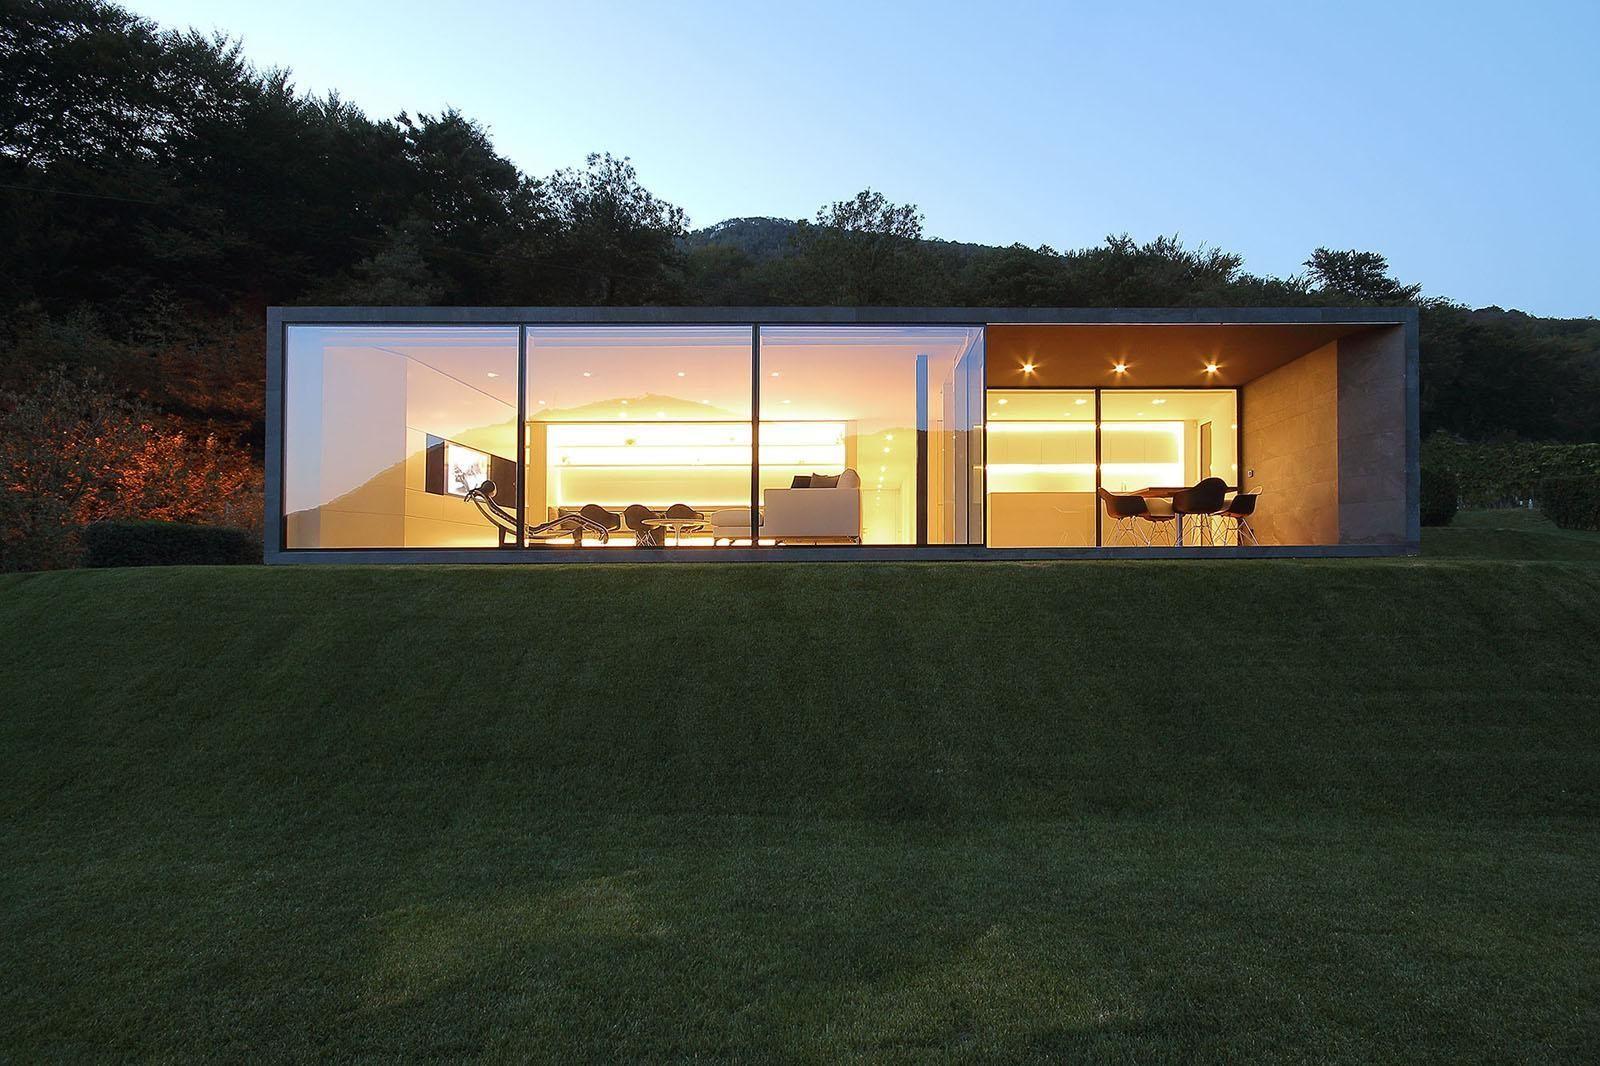 Zeitgenössische architektur satteldach einrichtung schweizer alpen holzhäuser wohn architektur organische architektur moderne häuser kleine häuser